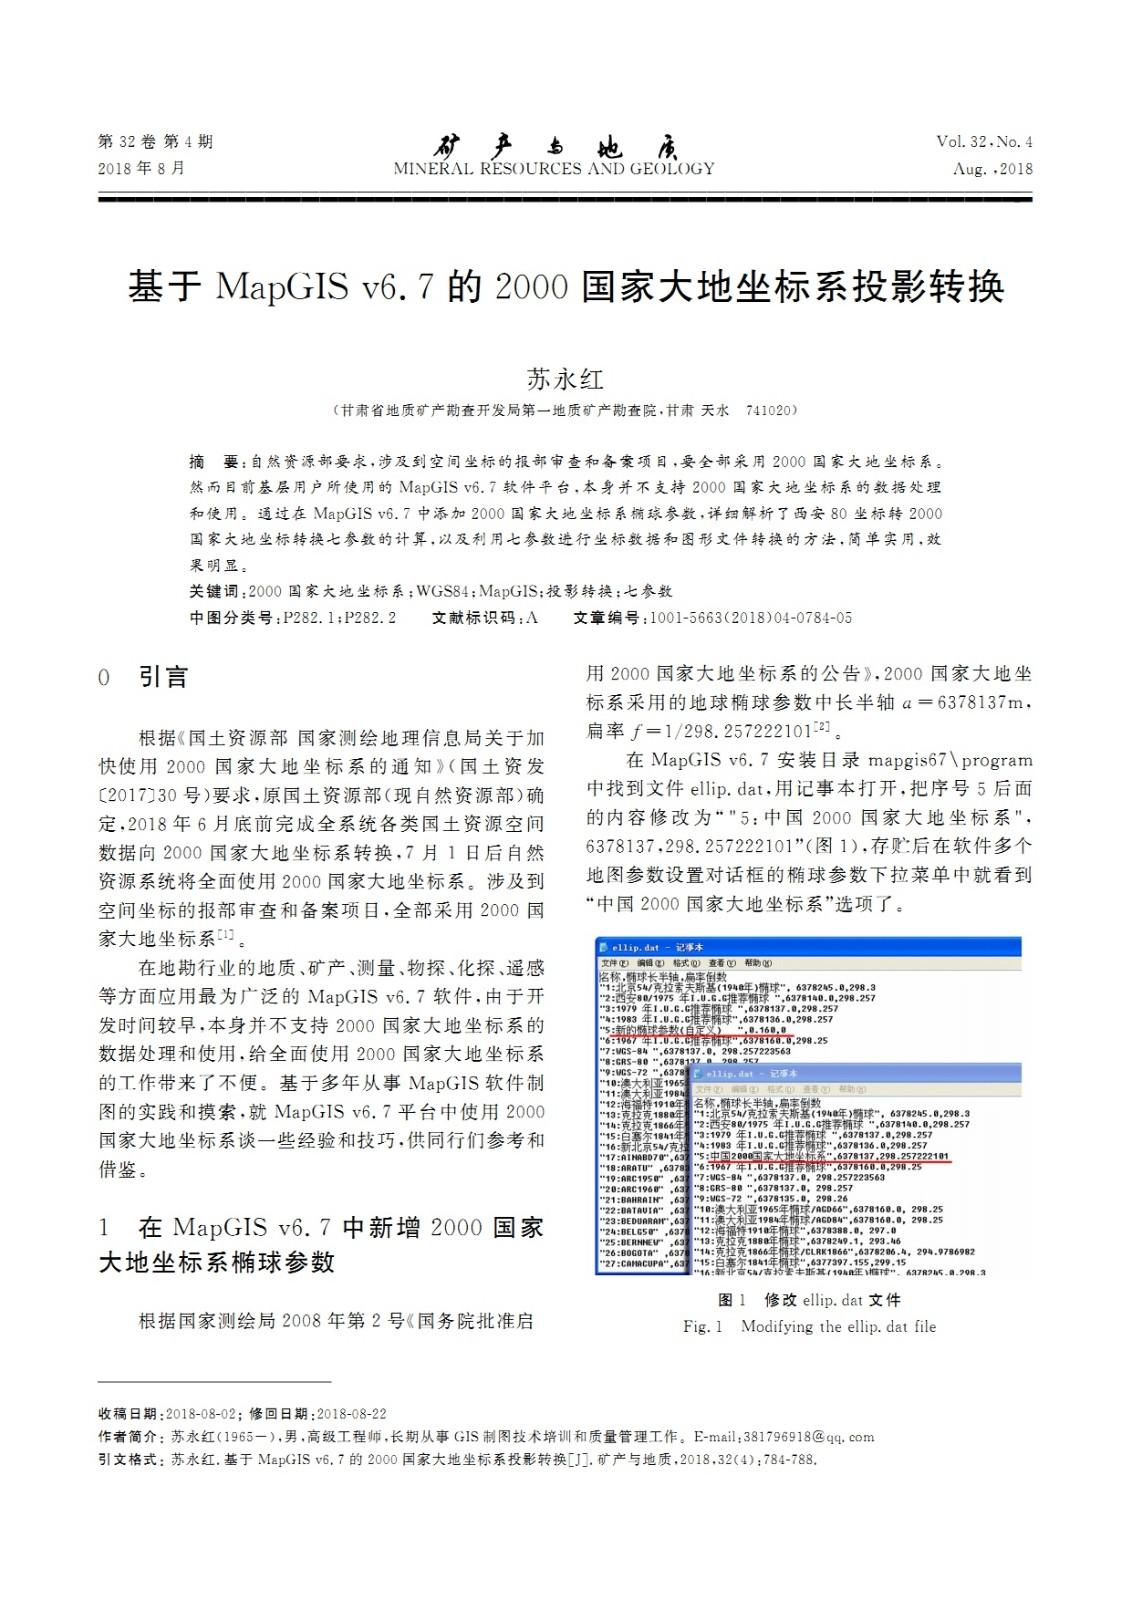 基于MapGISv6.7的2000国家大地坐标系投影转换  MAPGIS 地矿中国